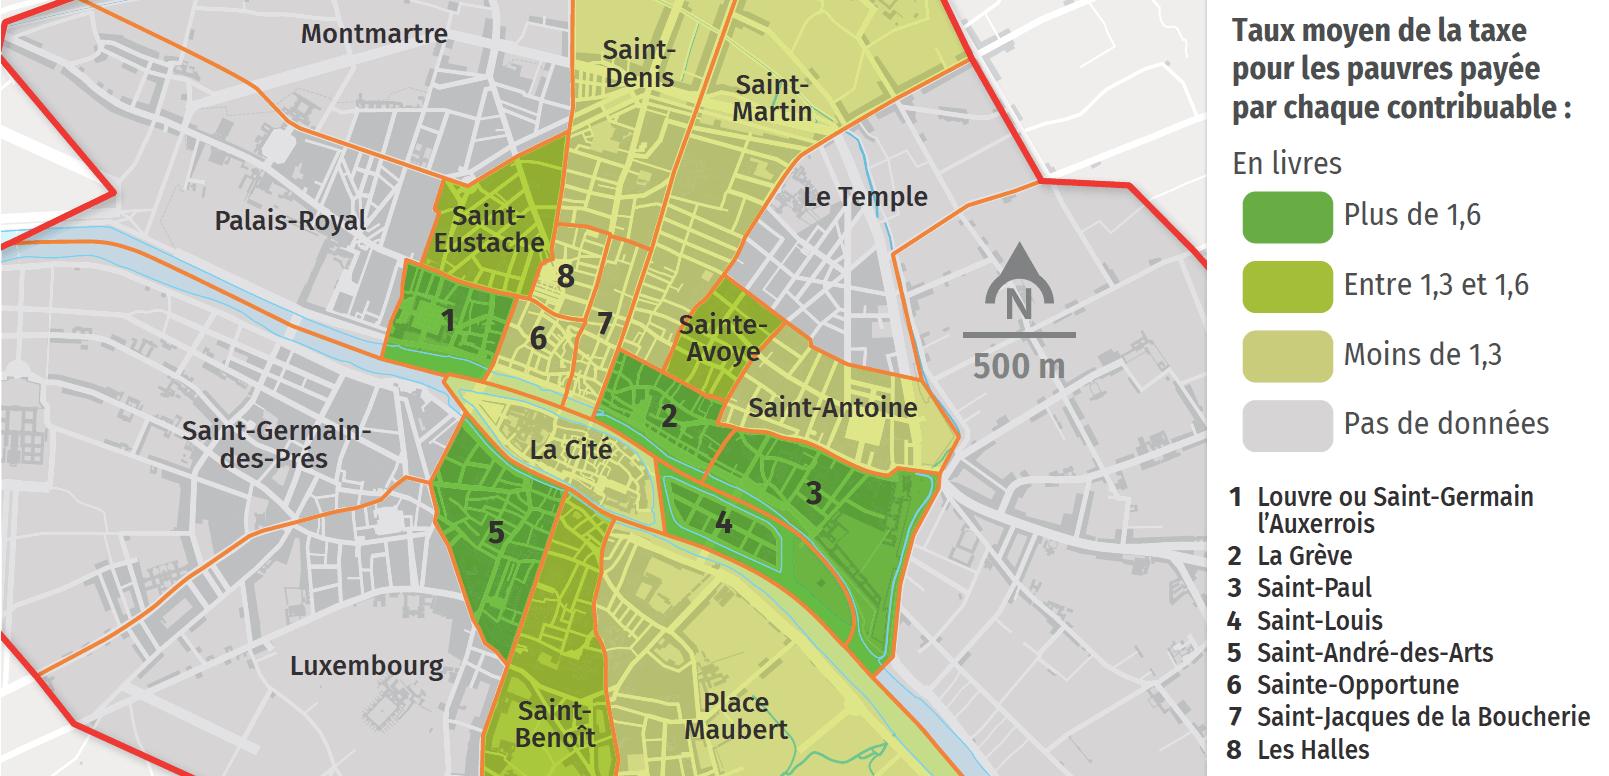 Quartiers riches et quartiers pauvres à Paris